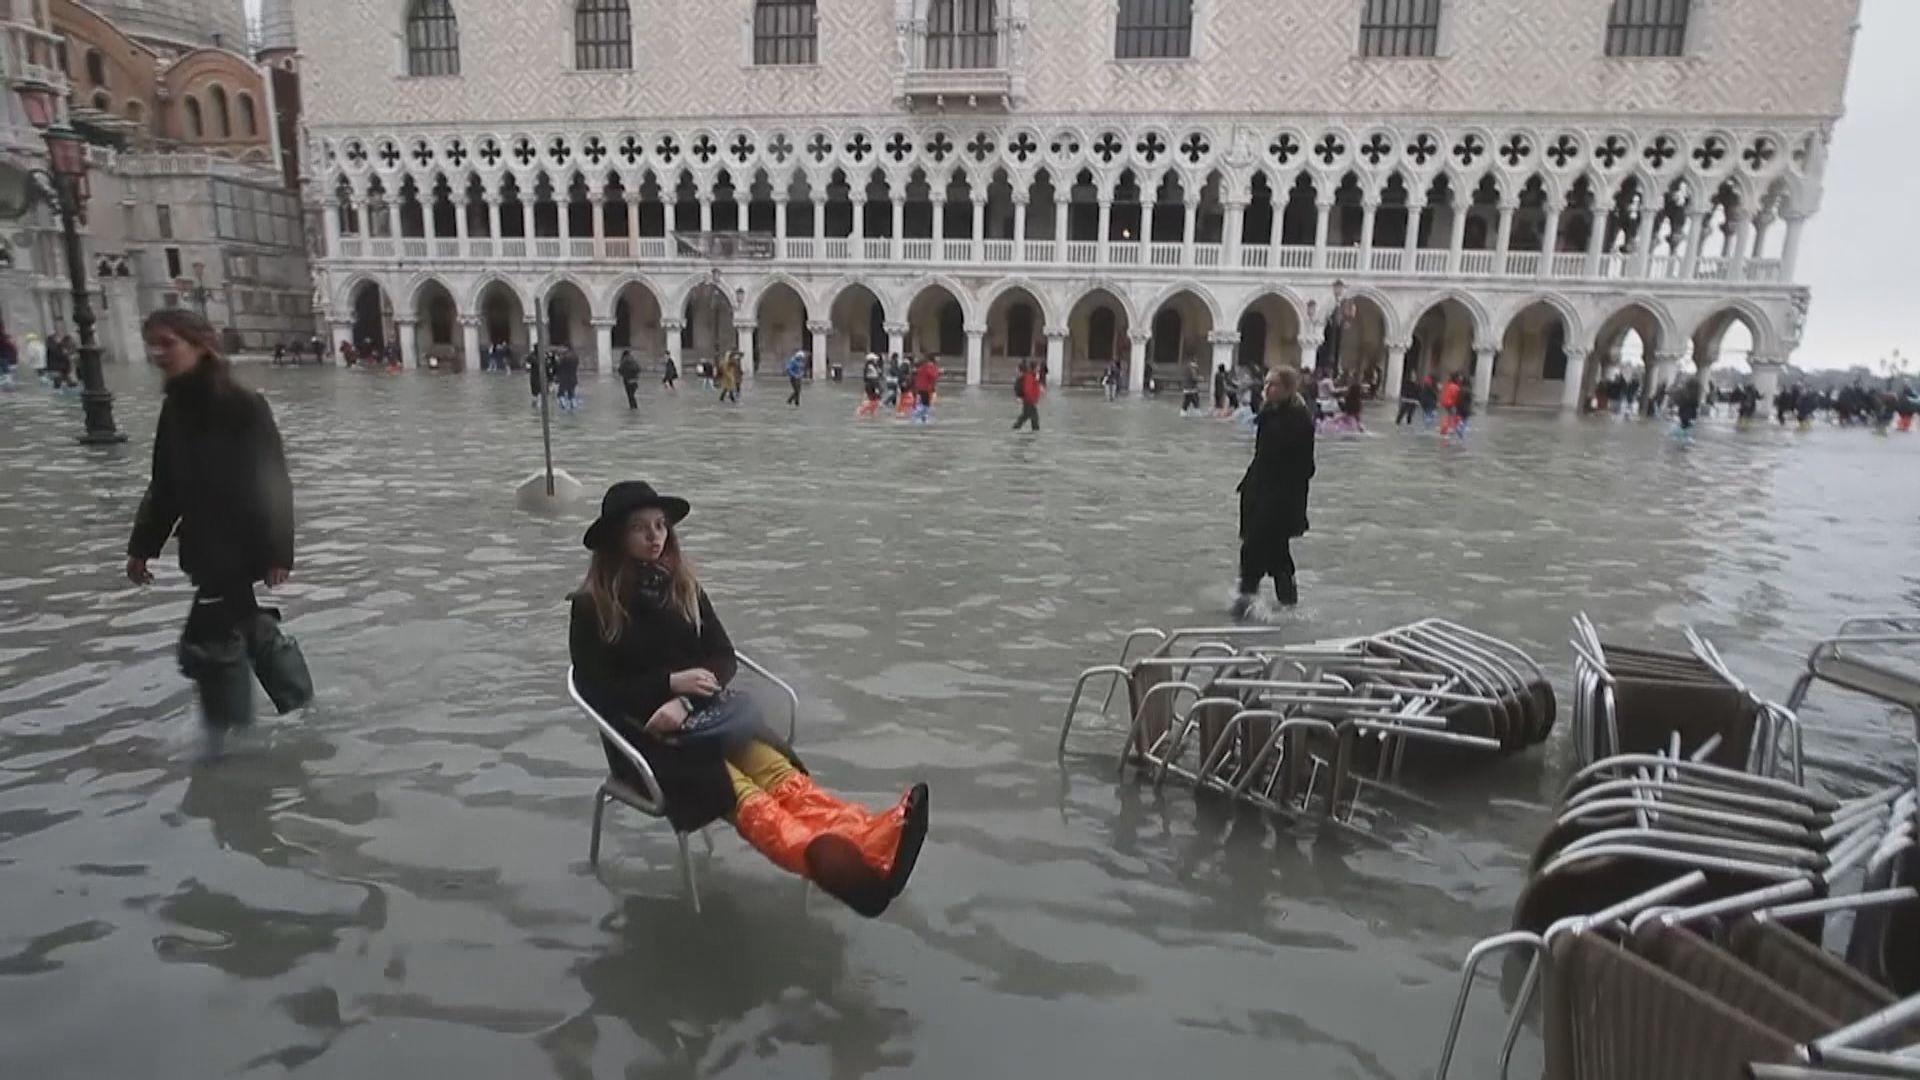 意大利威尼斯水浸成災進入緊急狀態